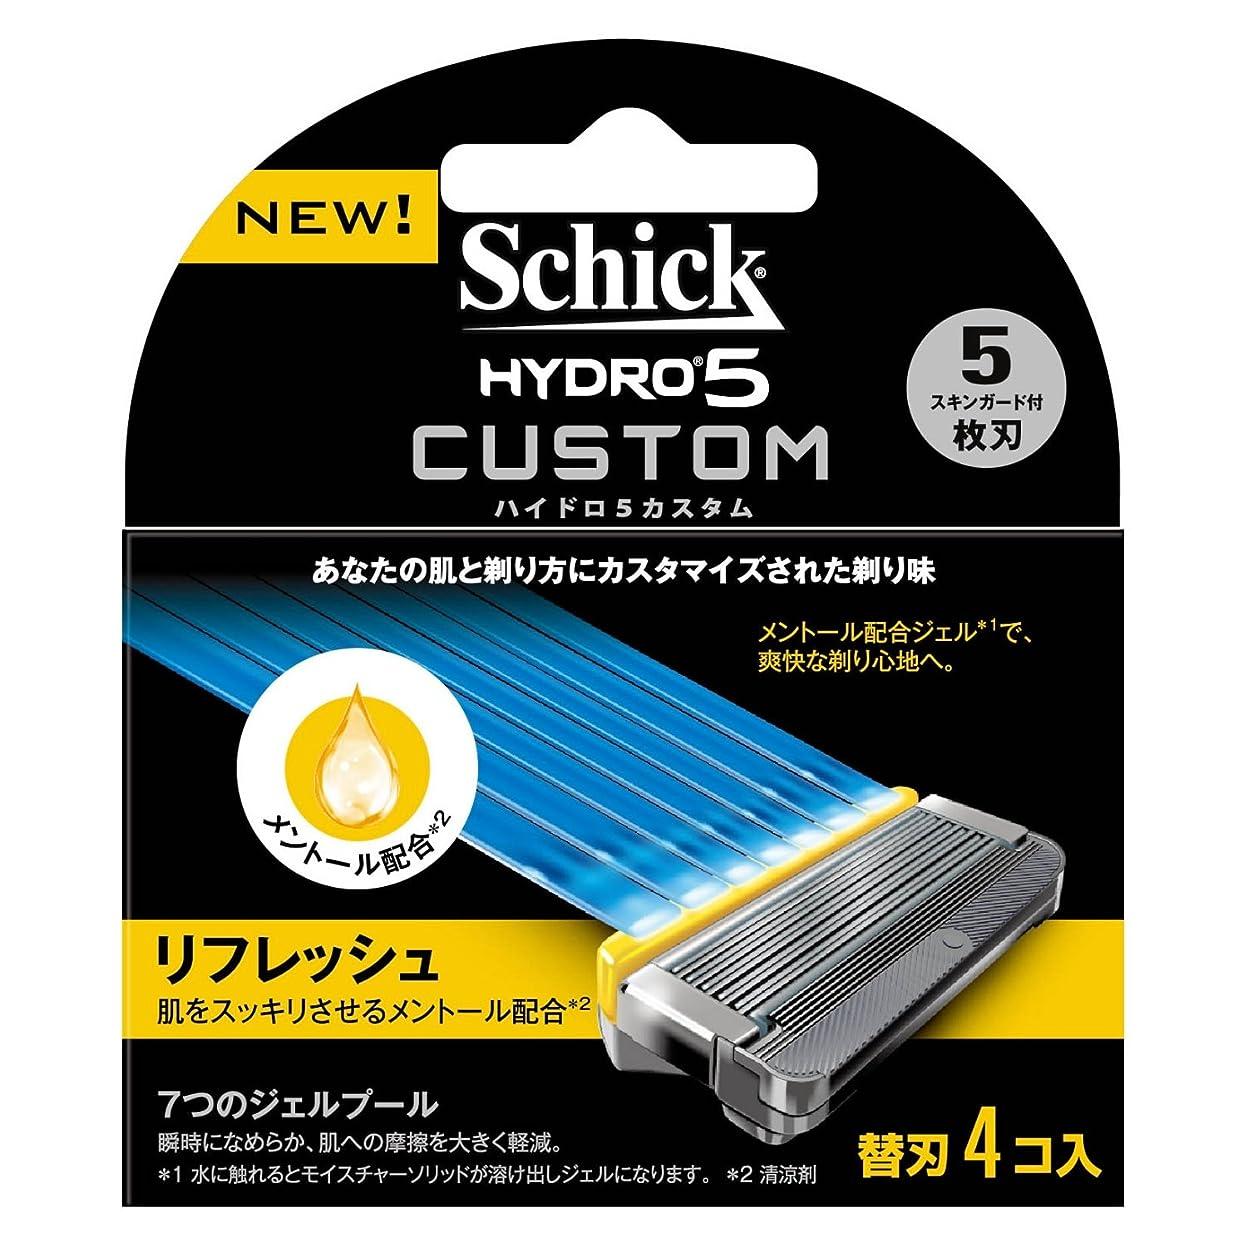 豆腐亡命機械シック Schick 5枚刃 ハイドロ5 カスタム リフレッシュ 替刃 4コ入 男性 カミソリ